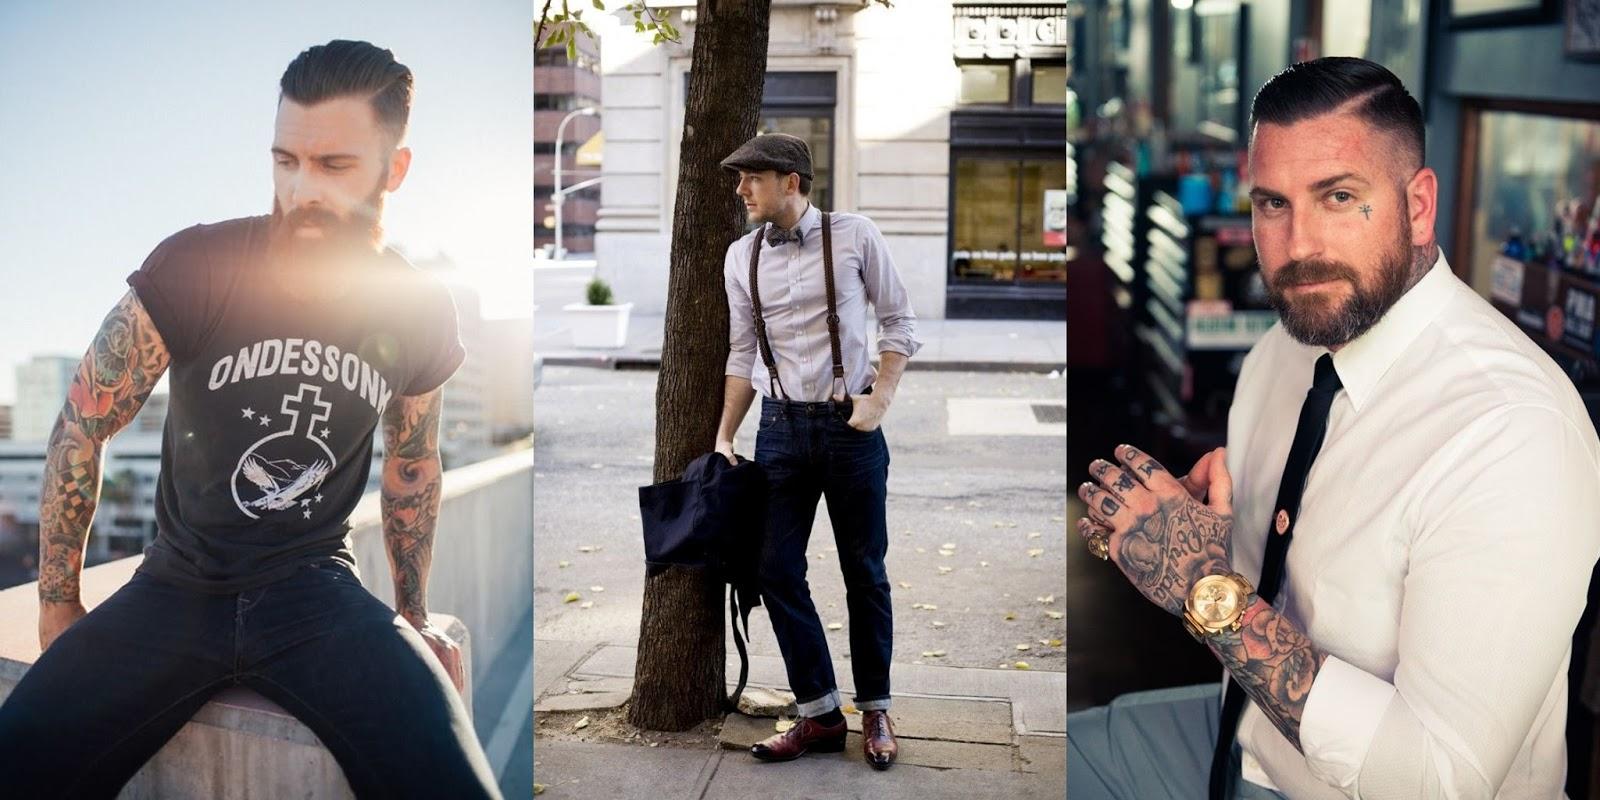 9f926fa73ef41 Você conhece algum outro estilo retrô masculino  Deixe sua sugestão nos  comentários. E diga também qual o seu estilo preferido